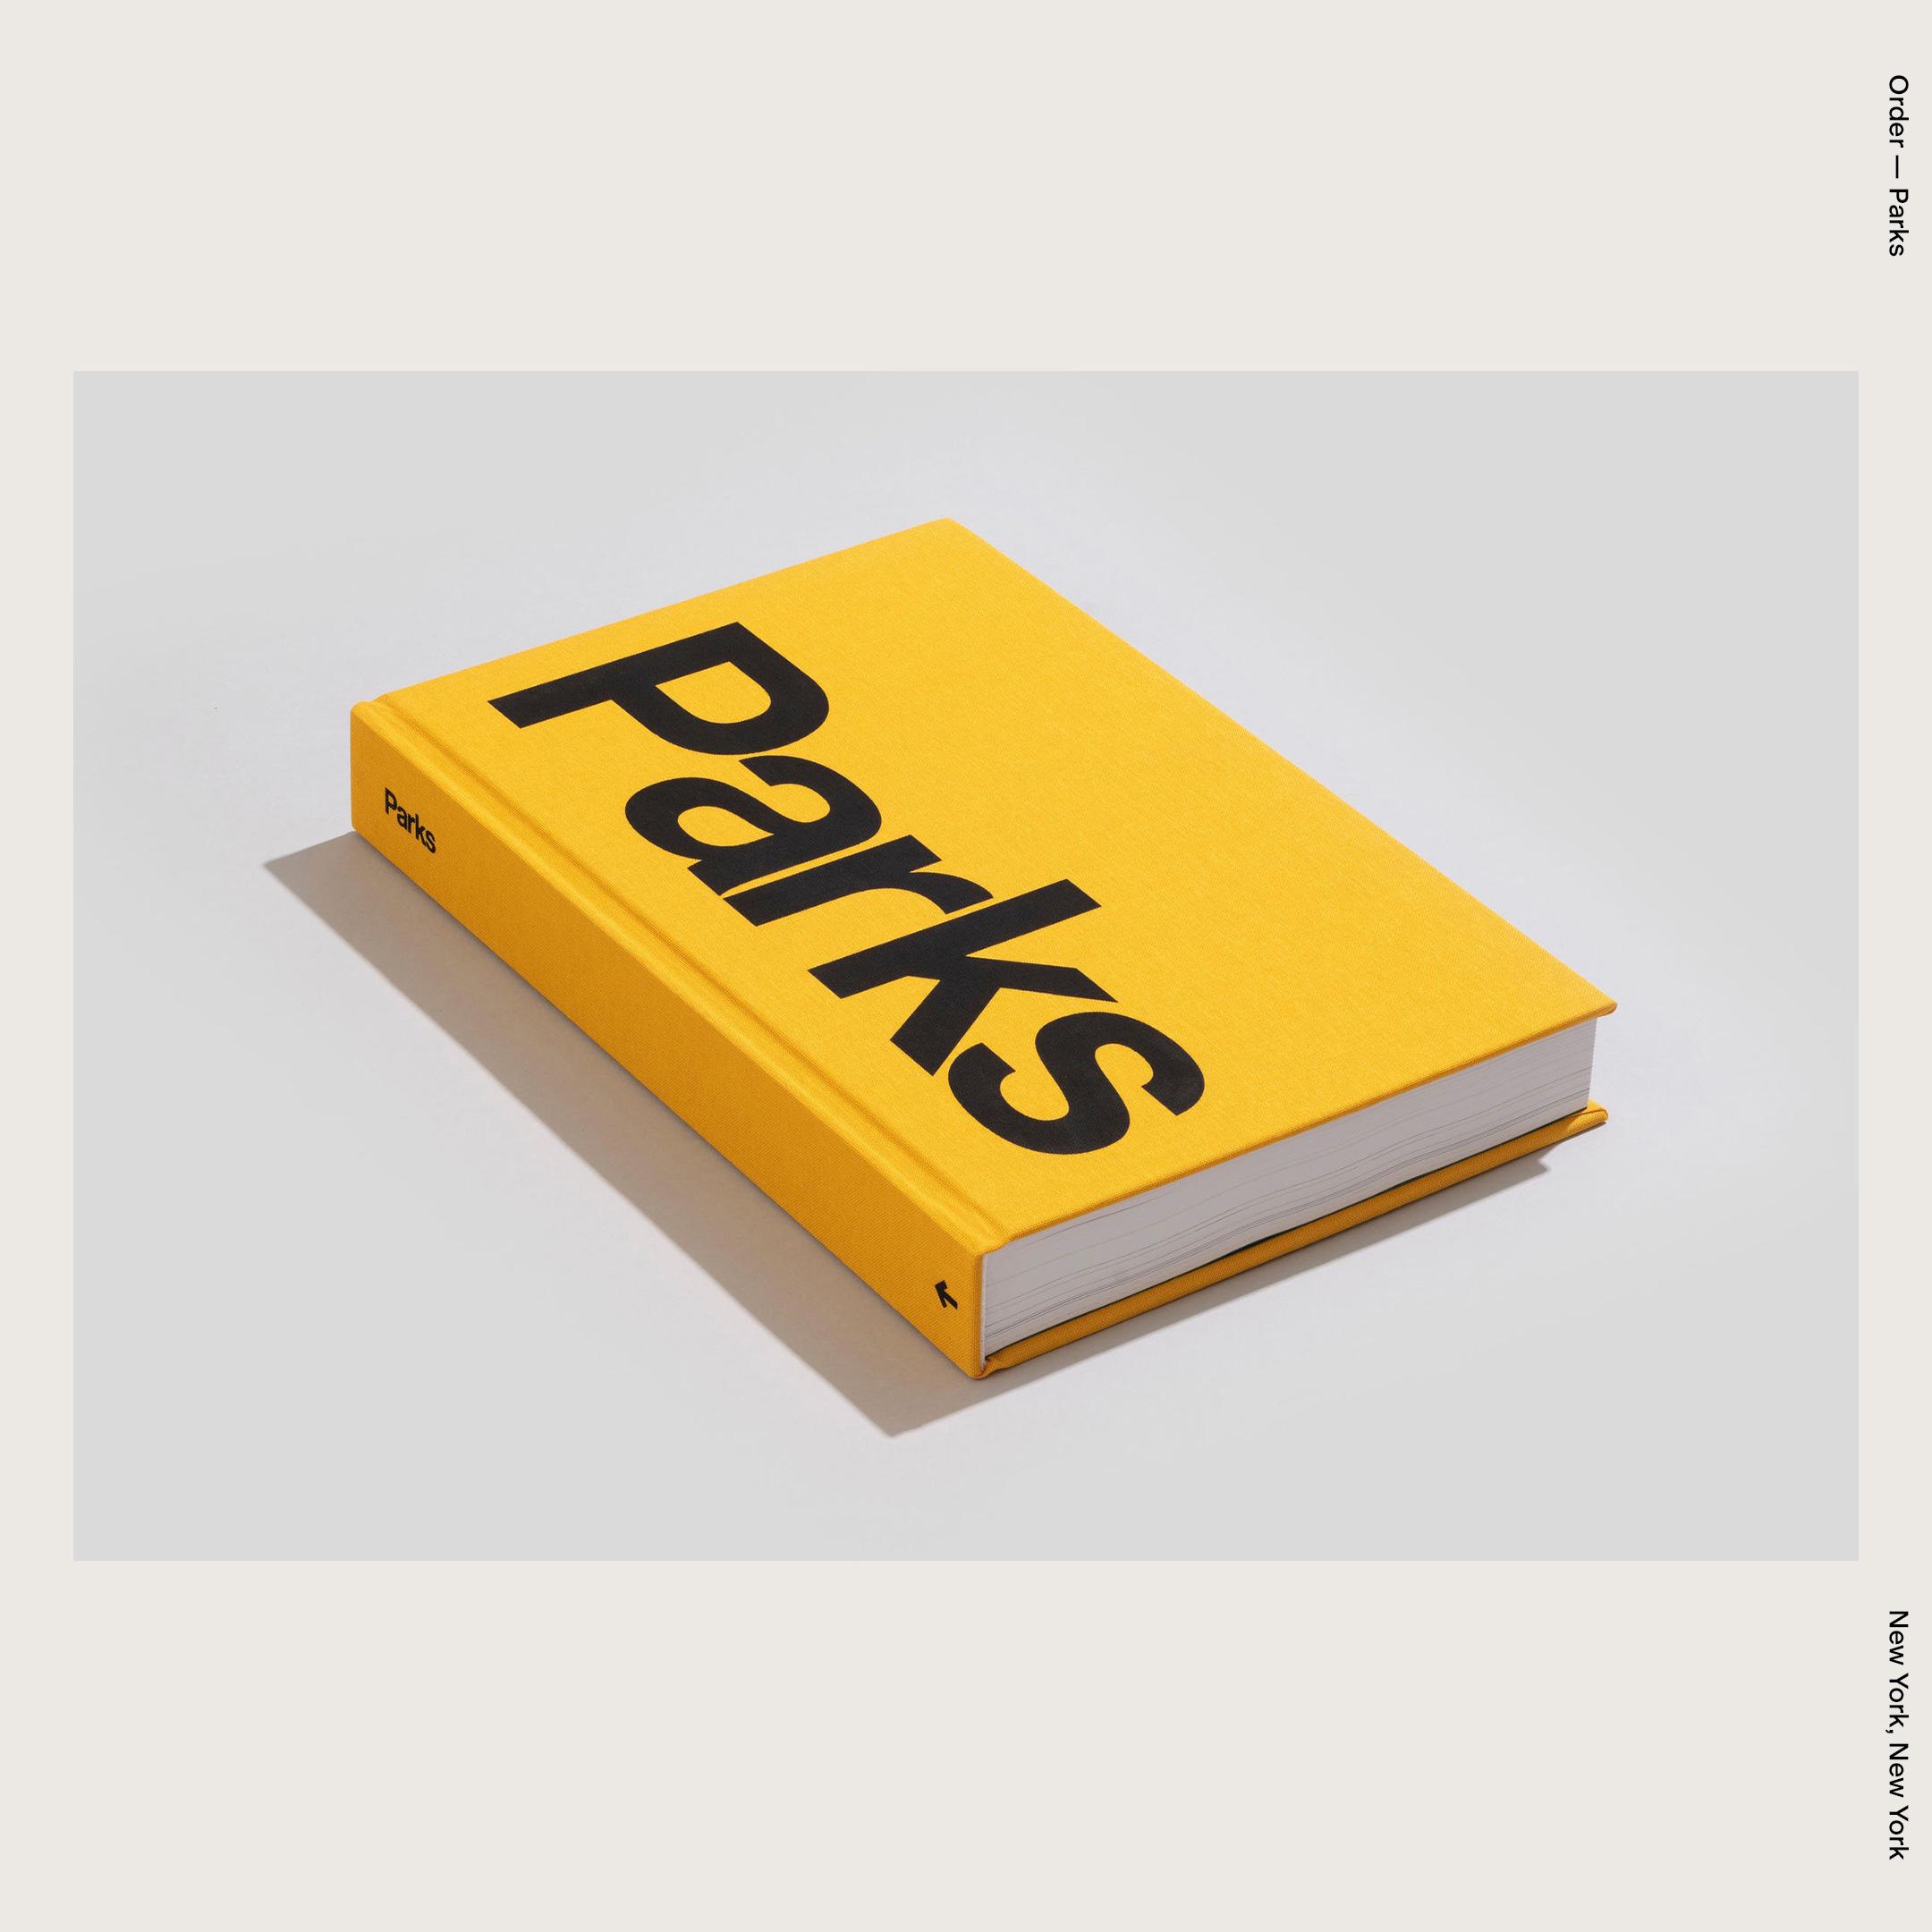 Order — Parks